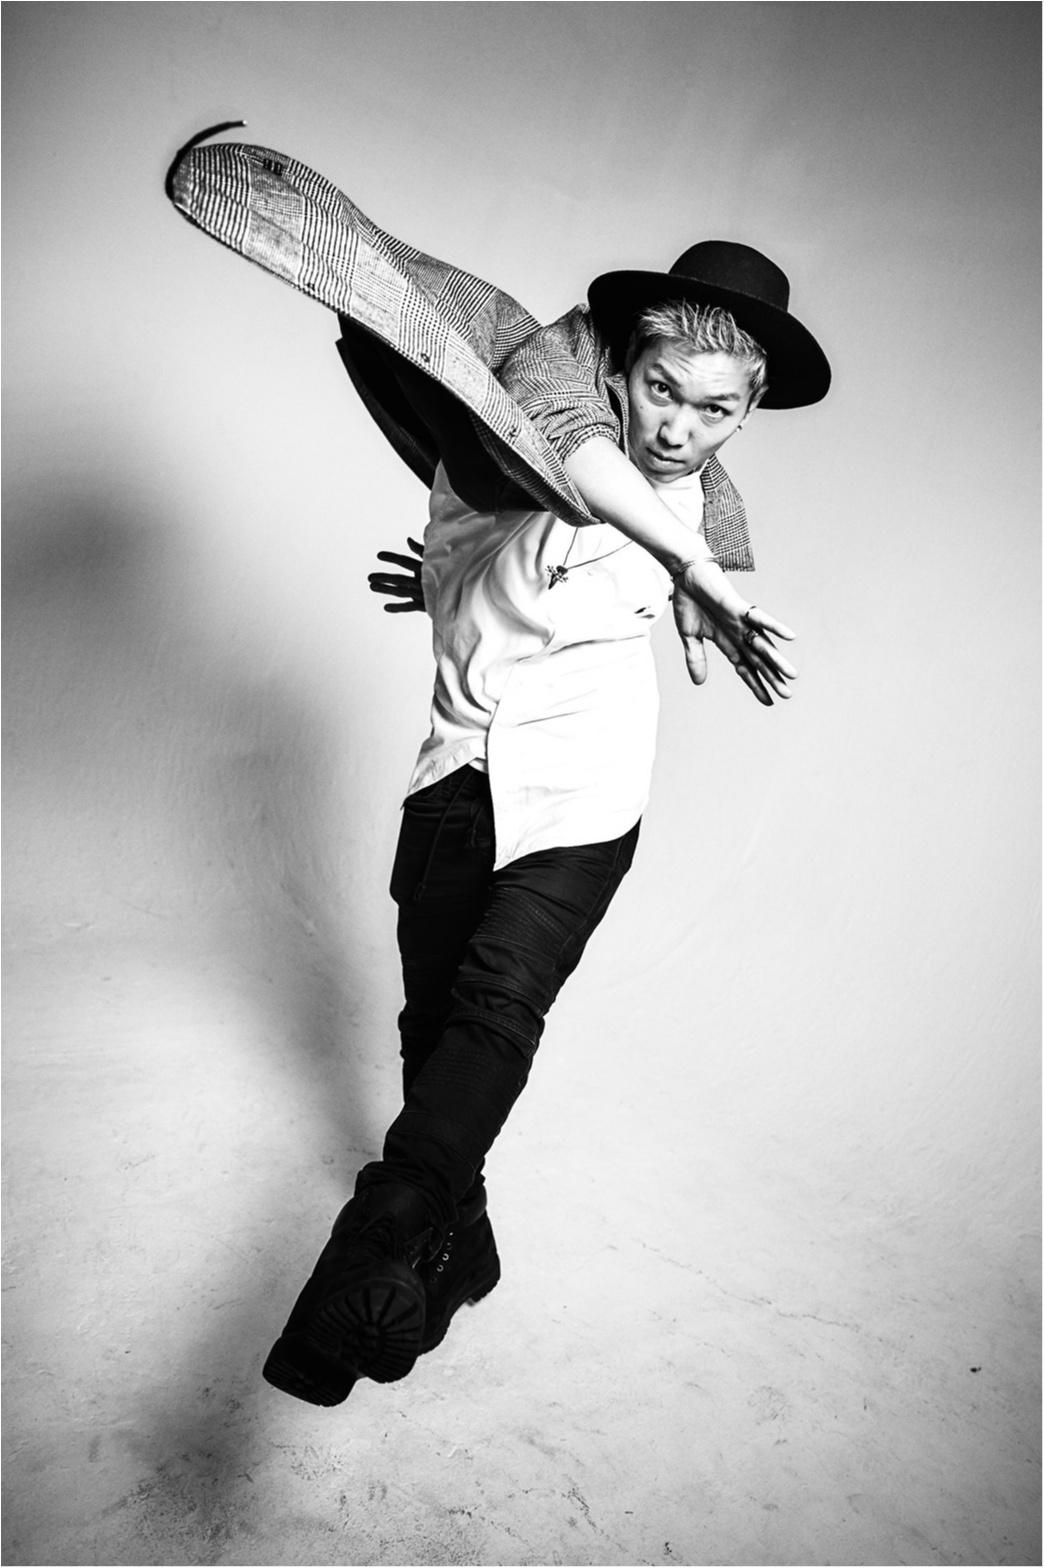 ダンス=人生。世界的ダンサー・有働真帆さんに聞く「大人の夢の叶え方」【interview後編】_3